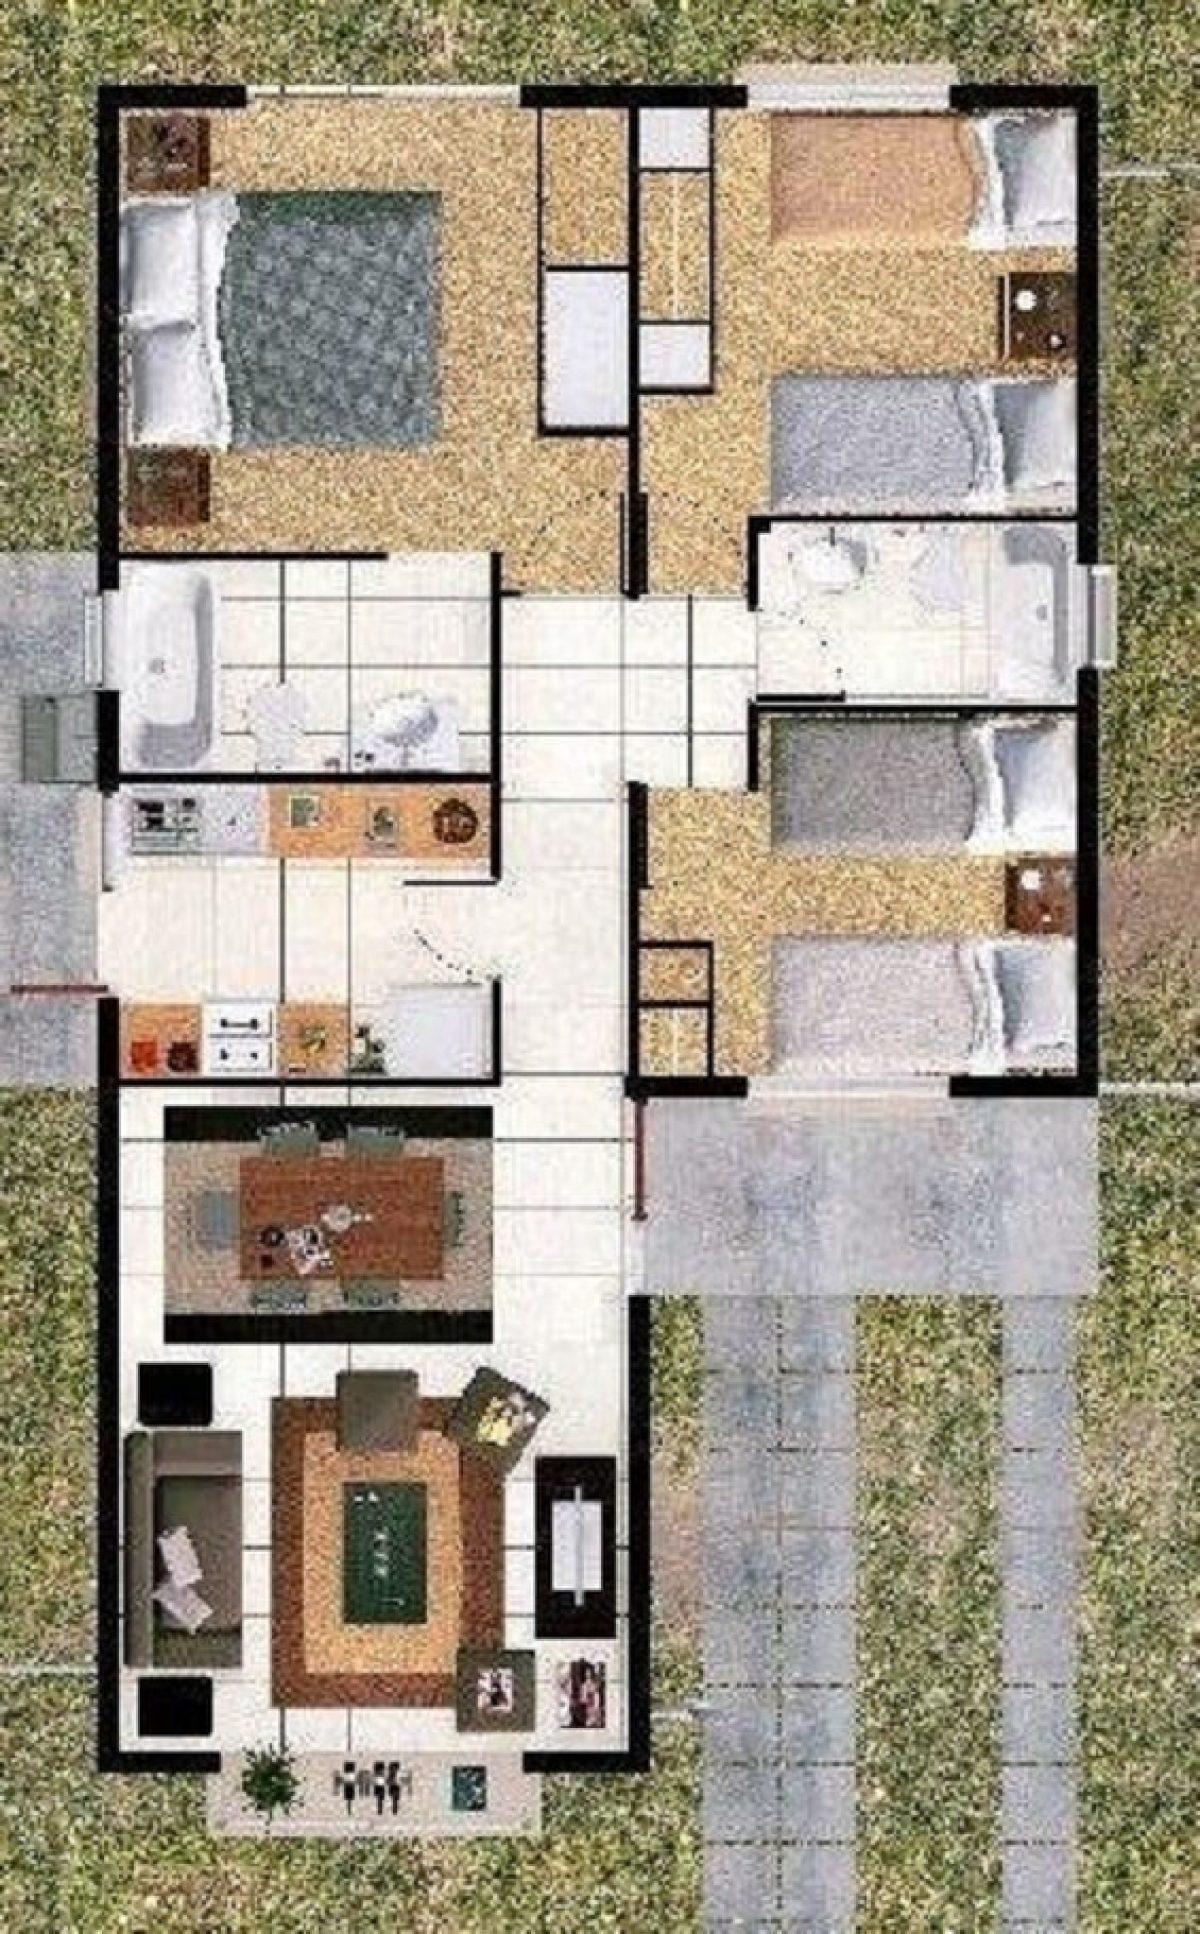 Denah Rumah Minimalis 3 Kamar yang Elegan dan Nyaman